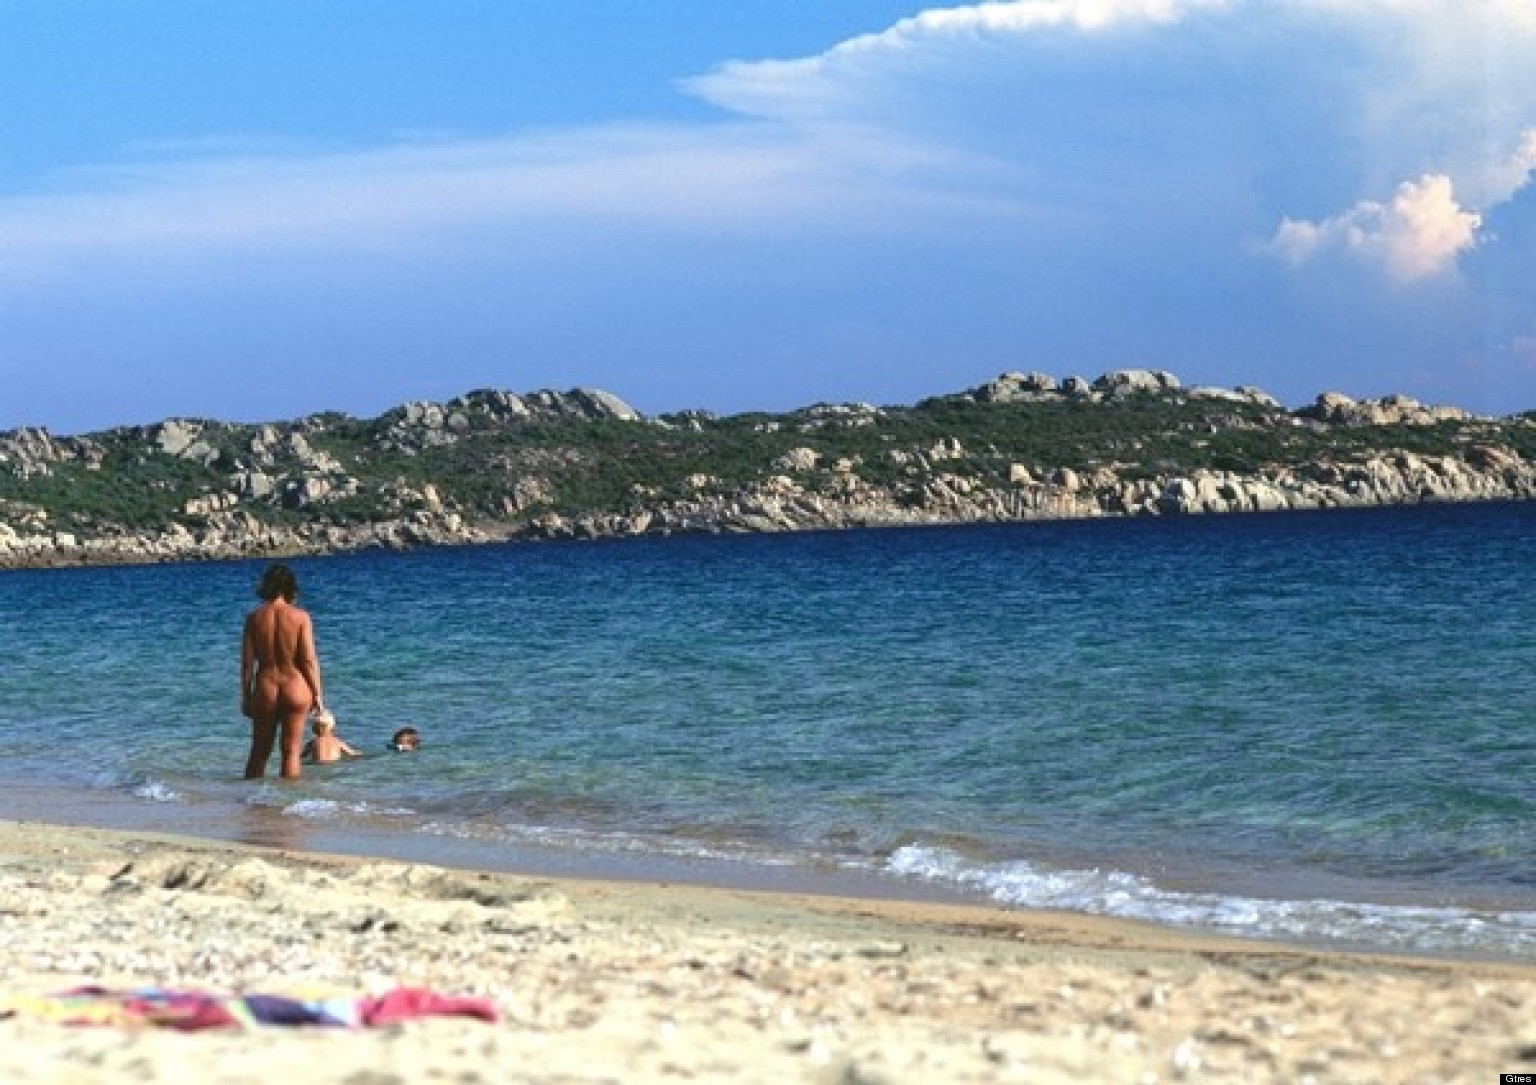 Фото нудисткие пляжи франции 18 фотография